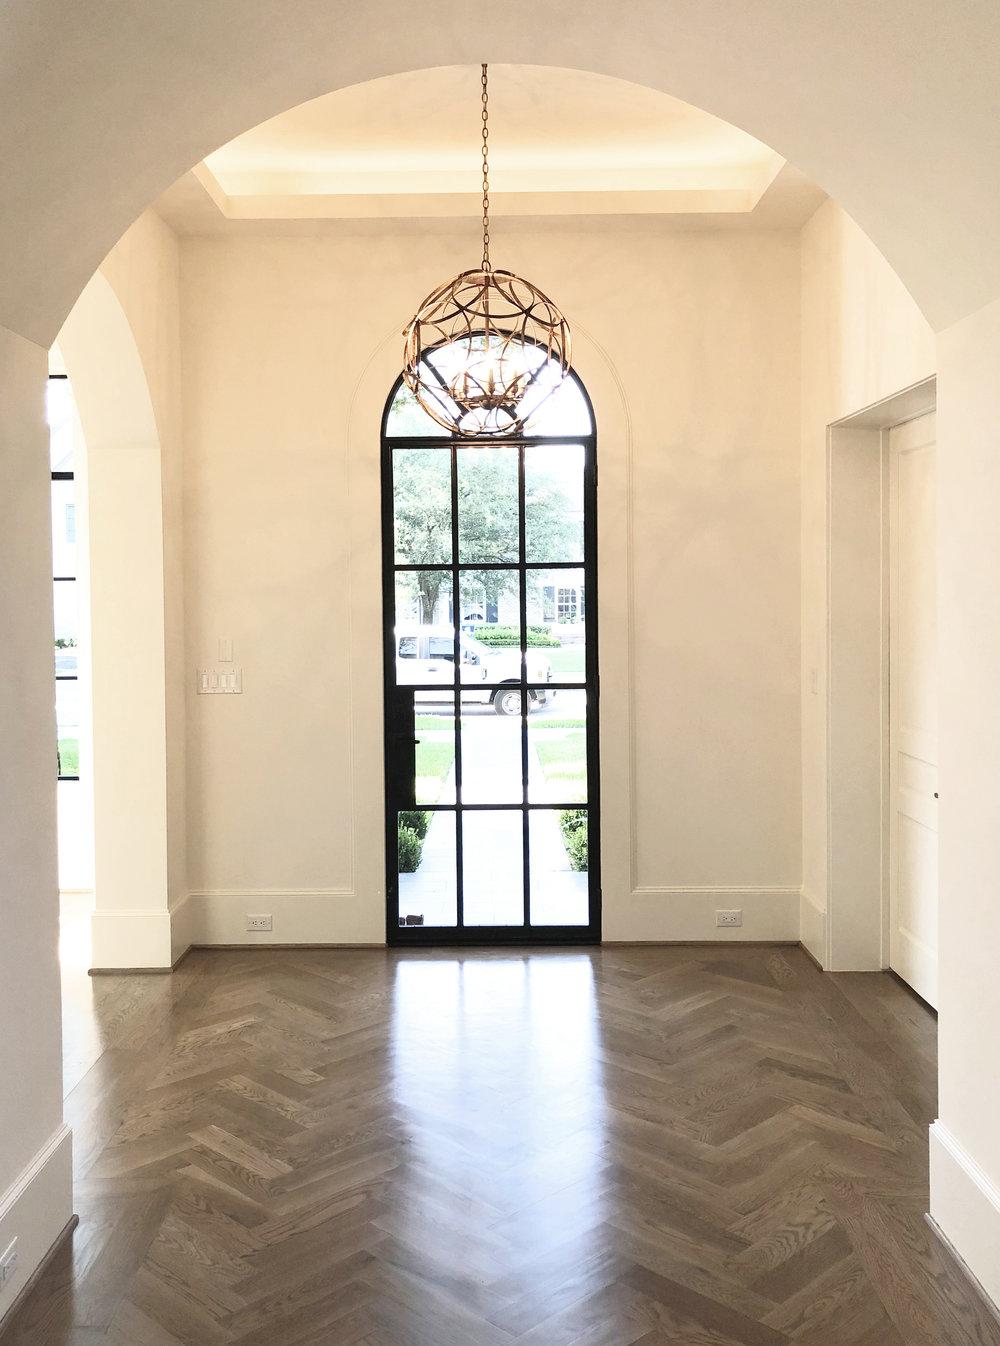 Modern entryway designed by Jamie House Design with herringbone wood floors